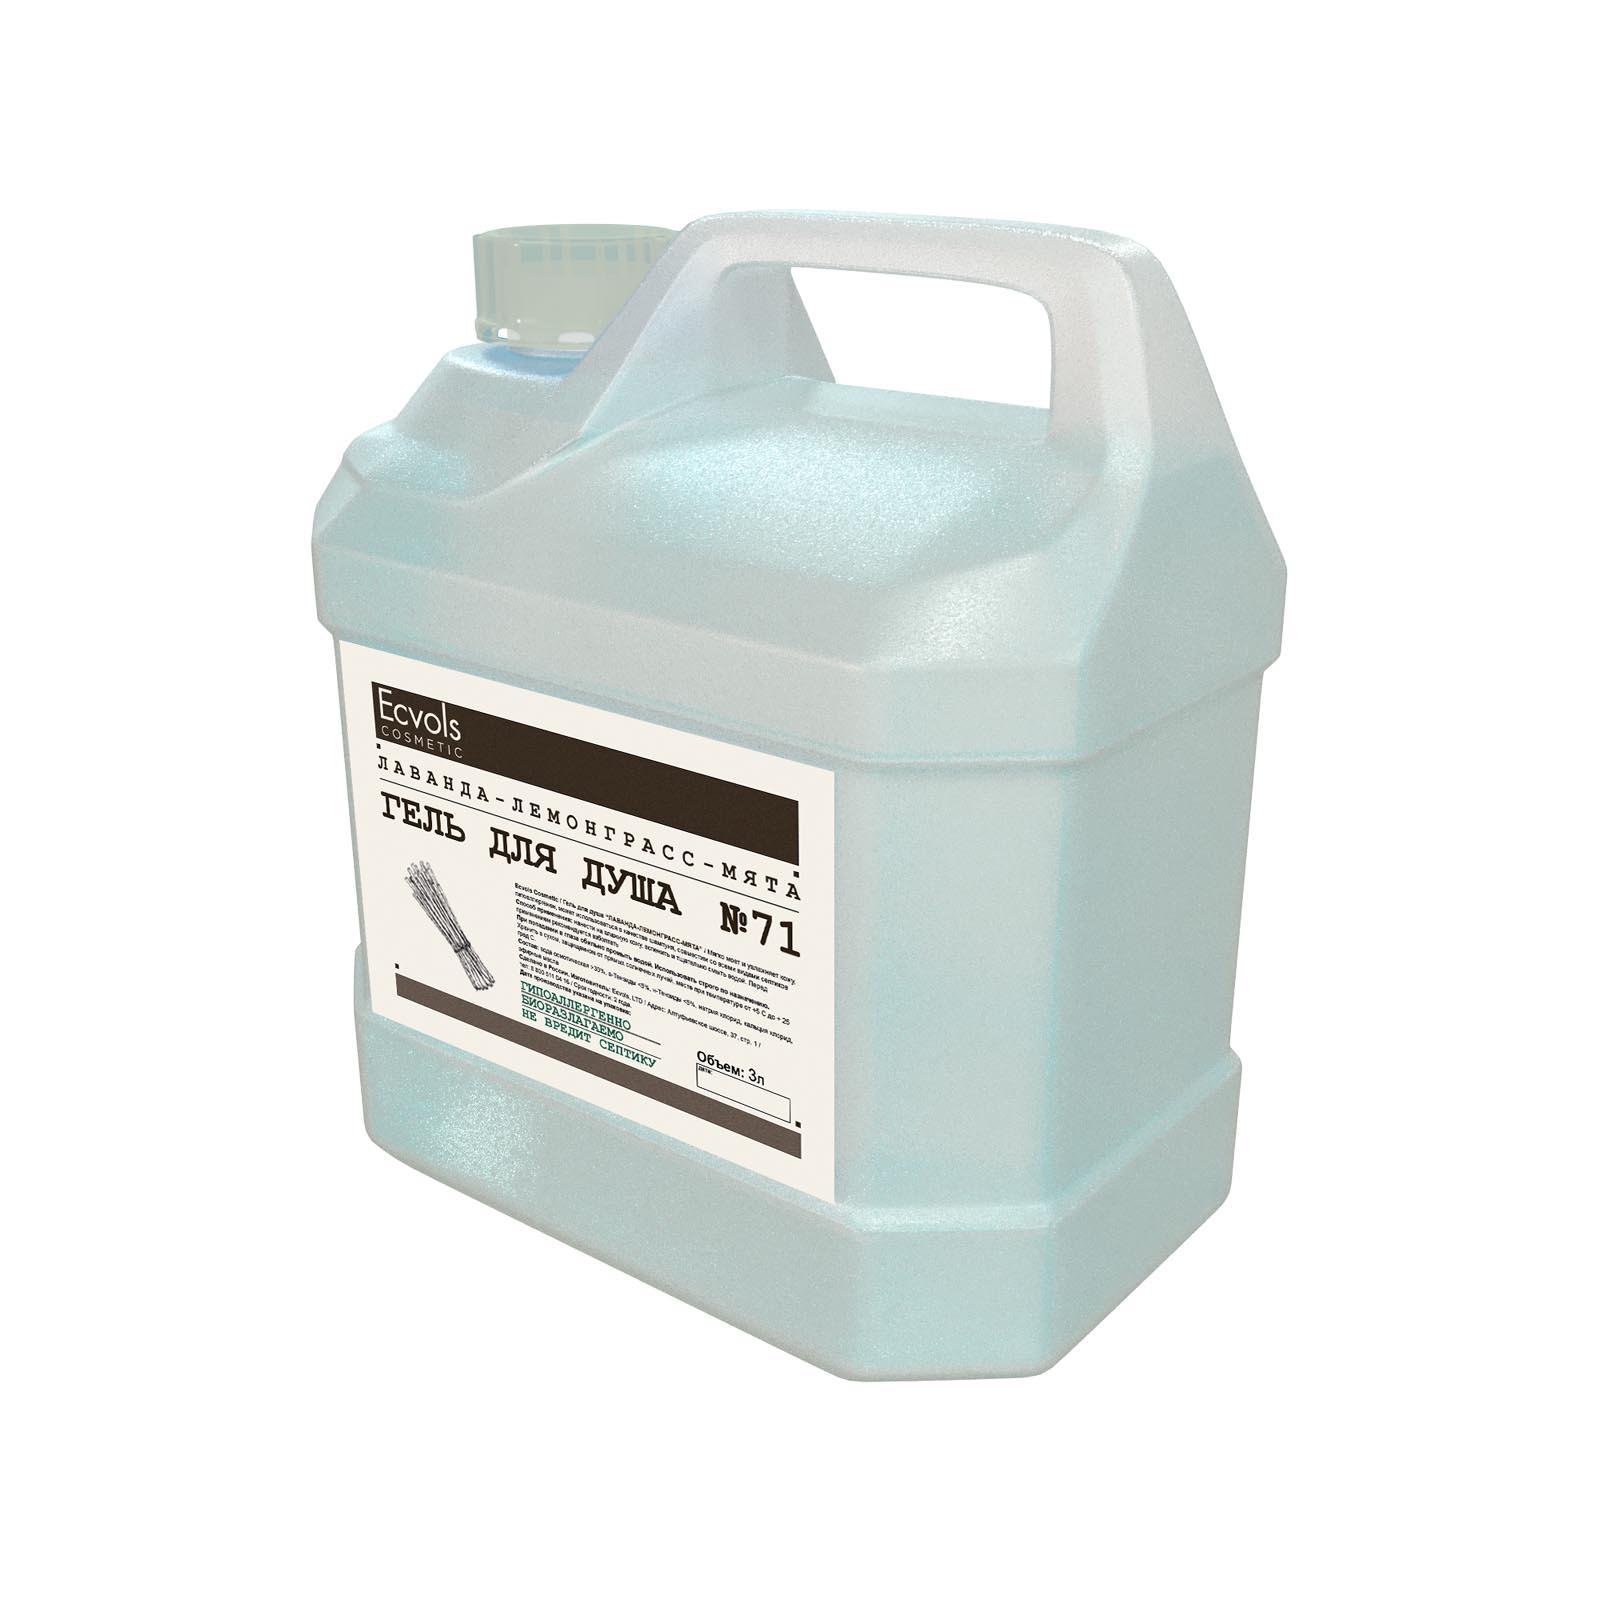 Купить Гель для душа Ecvols увлажняющий гипоаллергенный с запахом лаванды лемонграсса и мяты 3 л